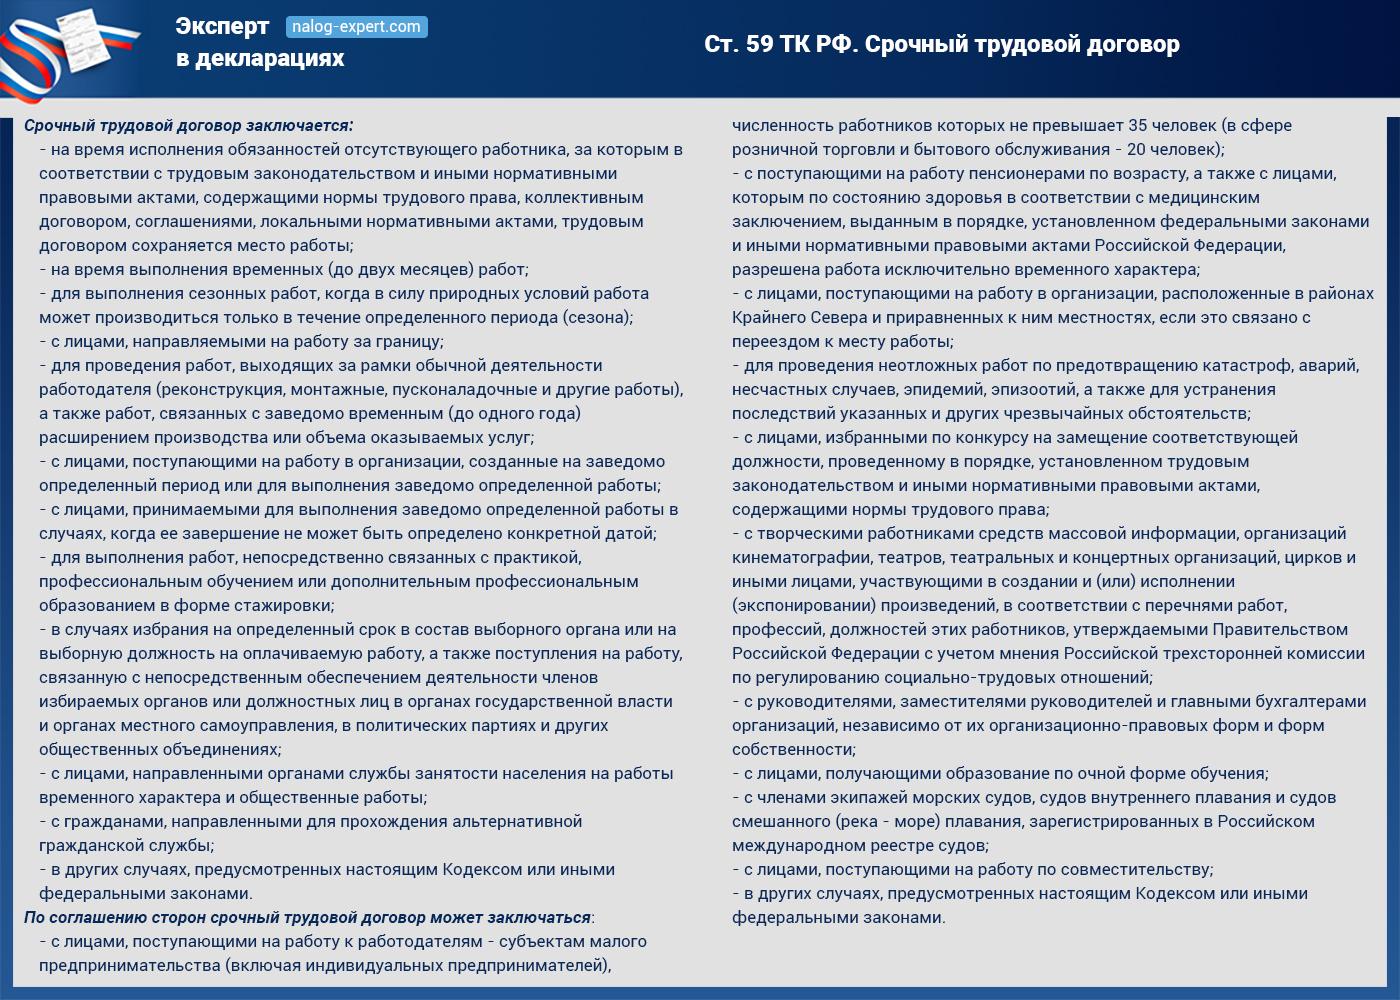 Ст. 59 ТК РФ. Срочный трудовой договор (кликните по картинке, чтобы увеличить)